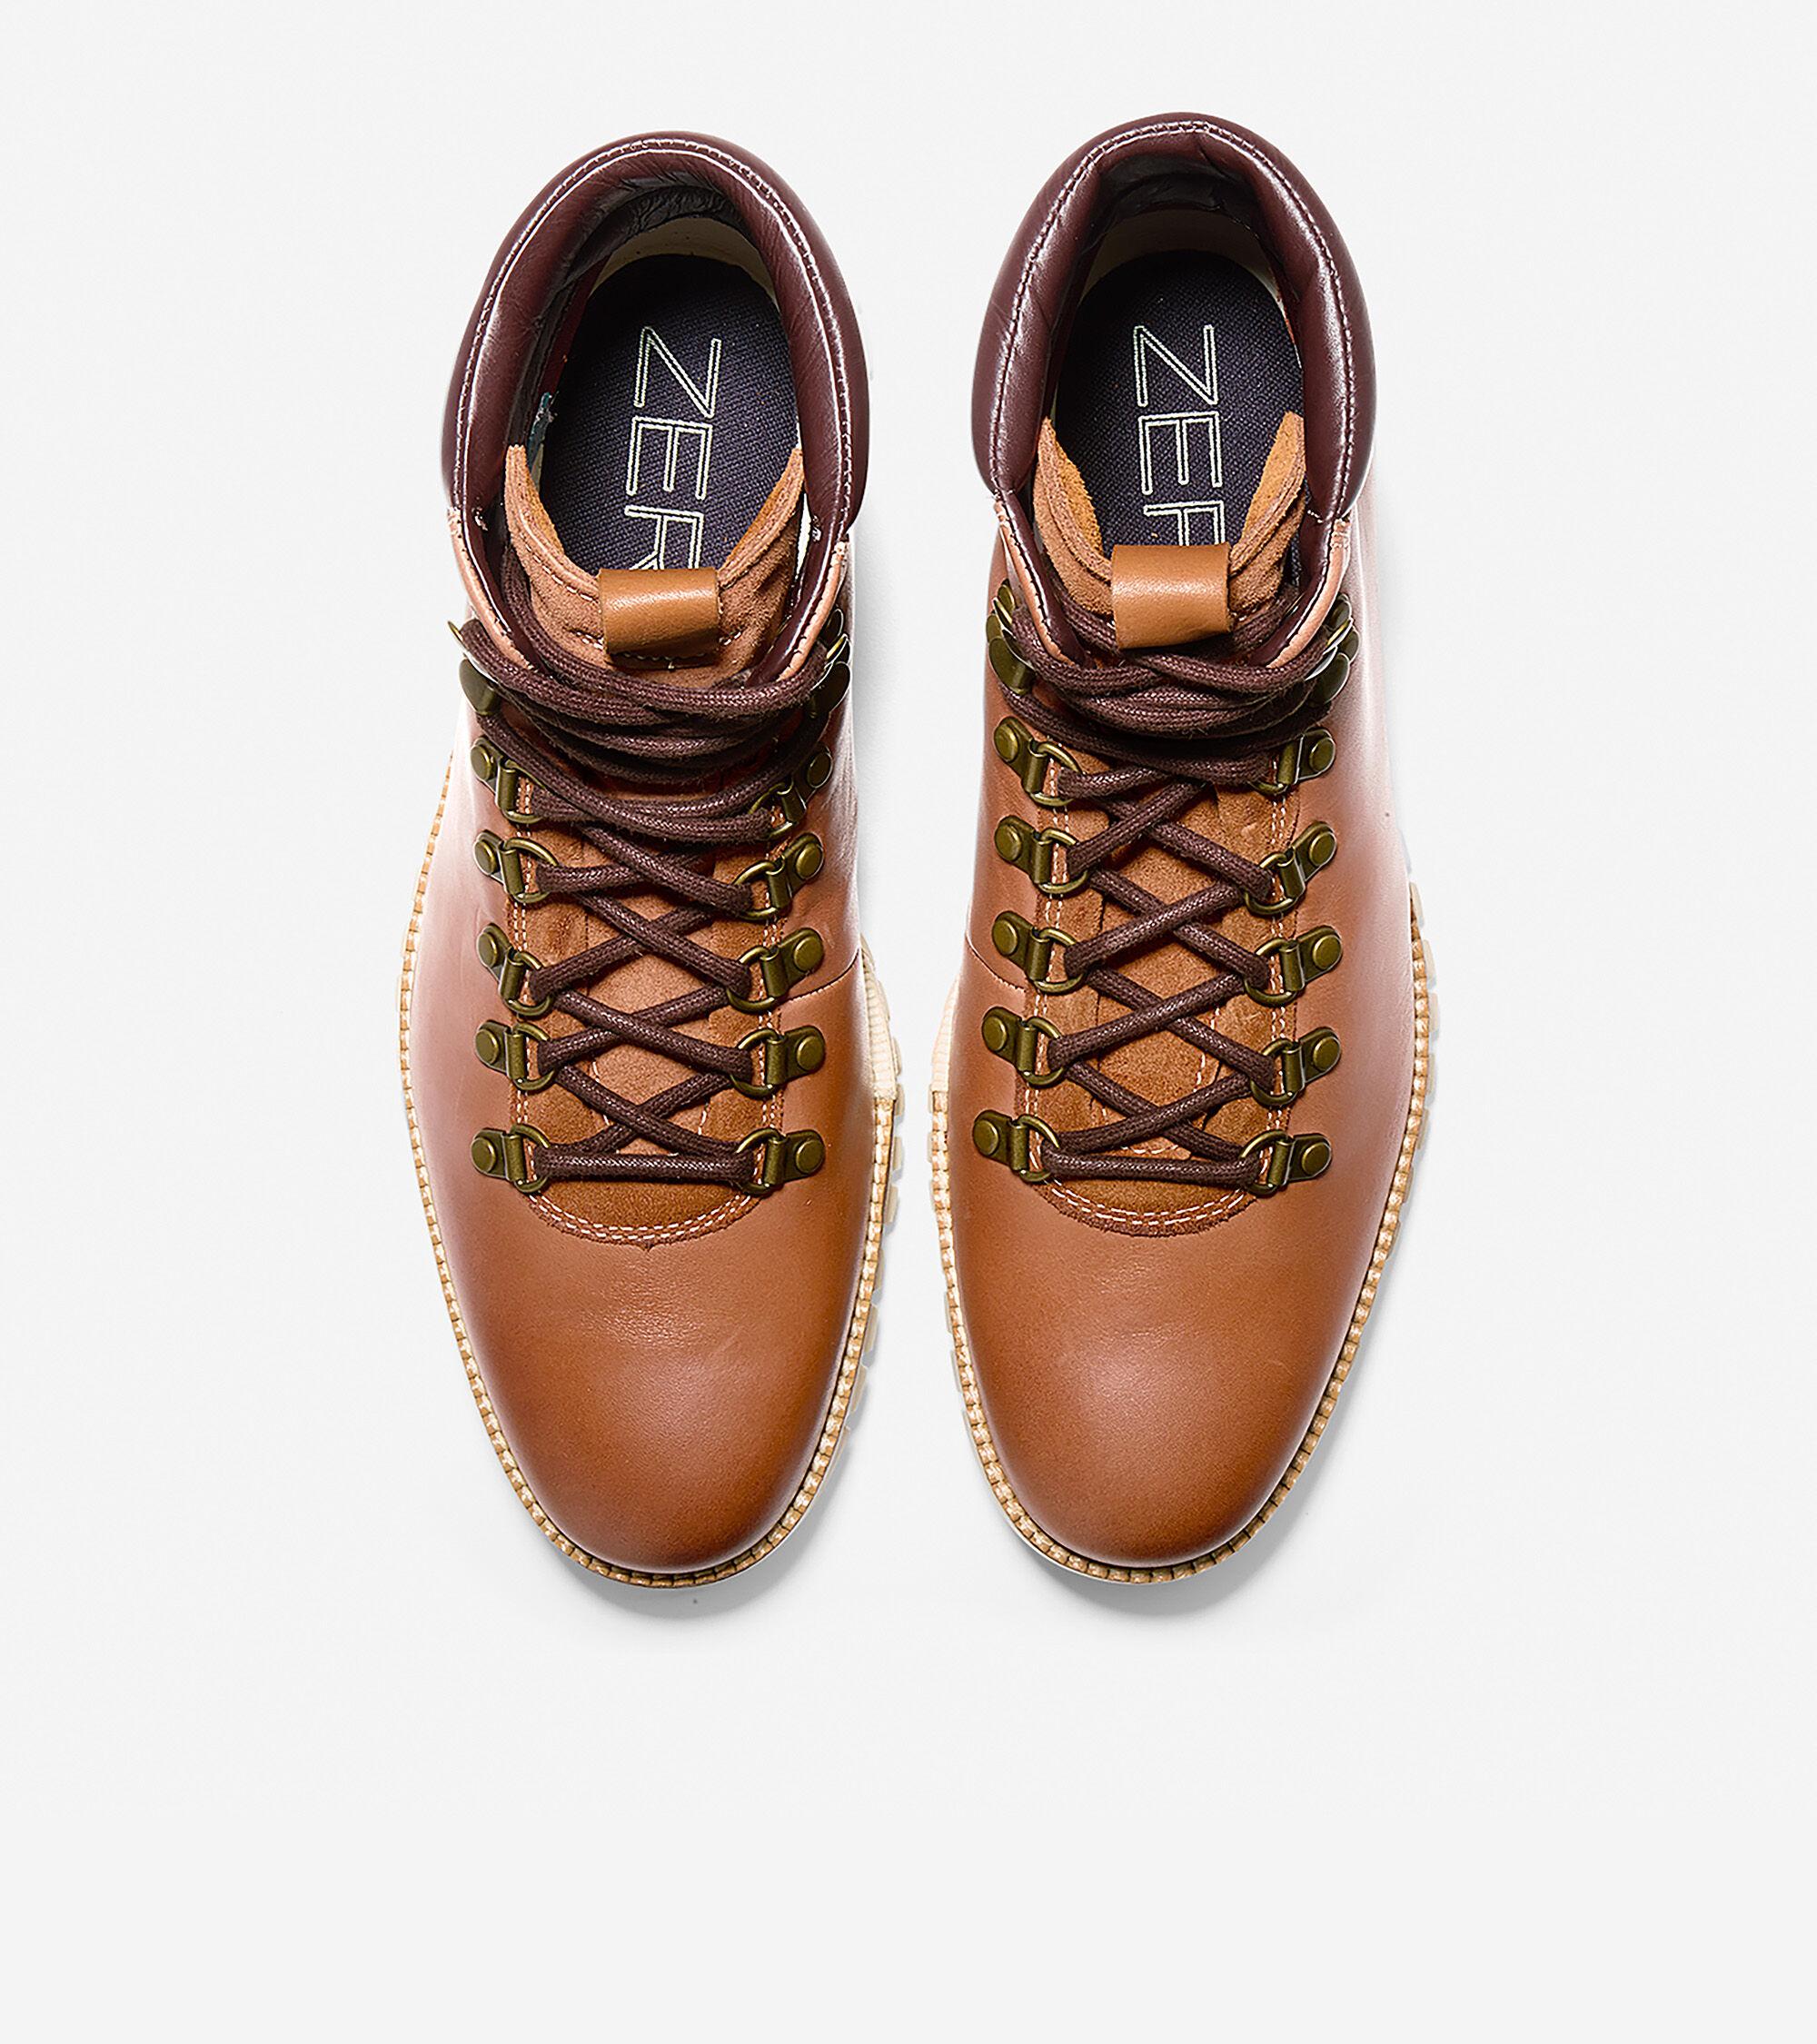 6833718c0ef Men s ZEROGRAND Water Resistant Hiker Boots in Woodbury